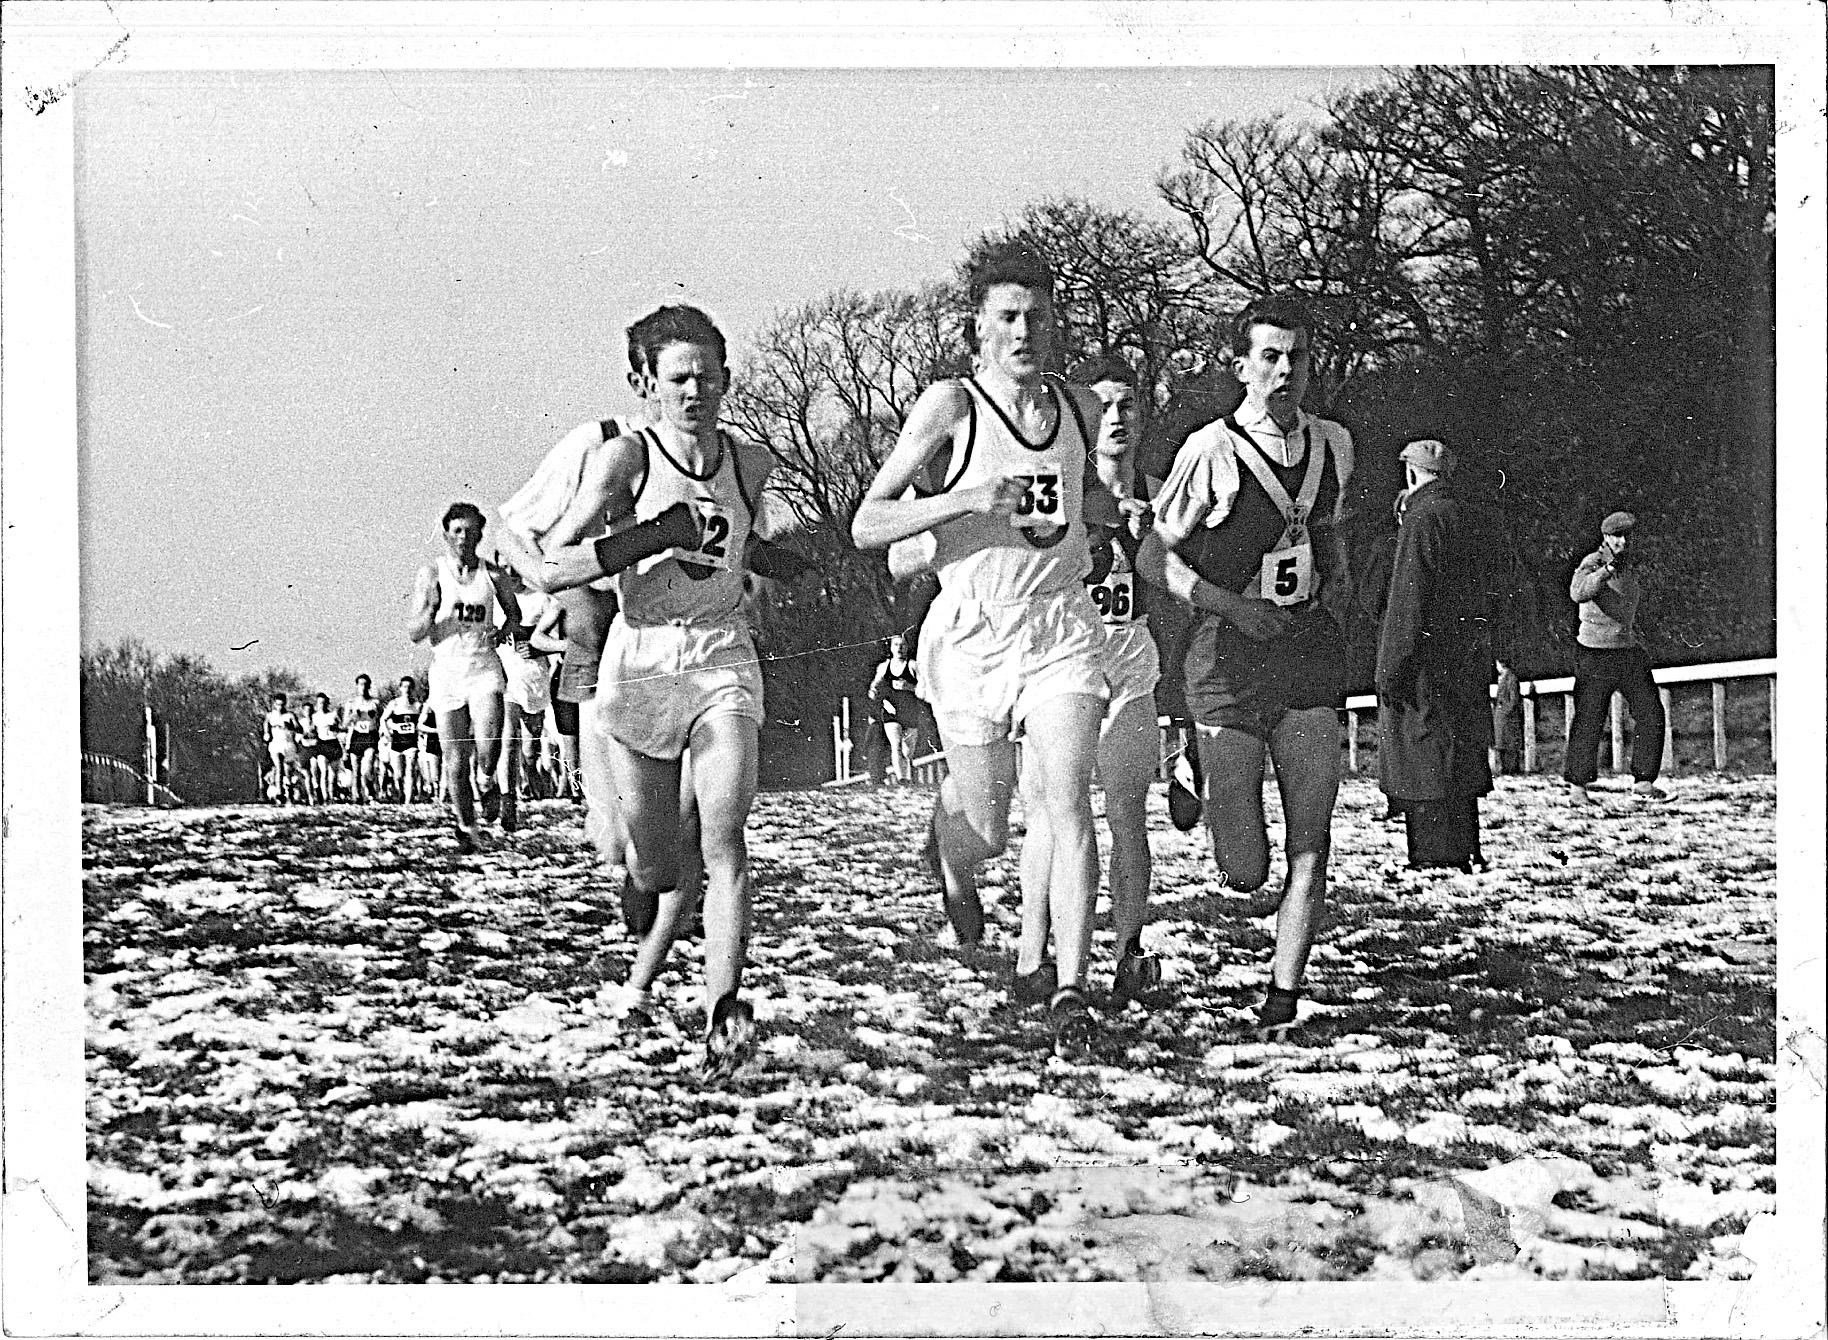 bill-goodwin-scottish-championships-1955-start-of-race